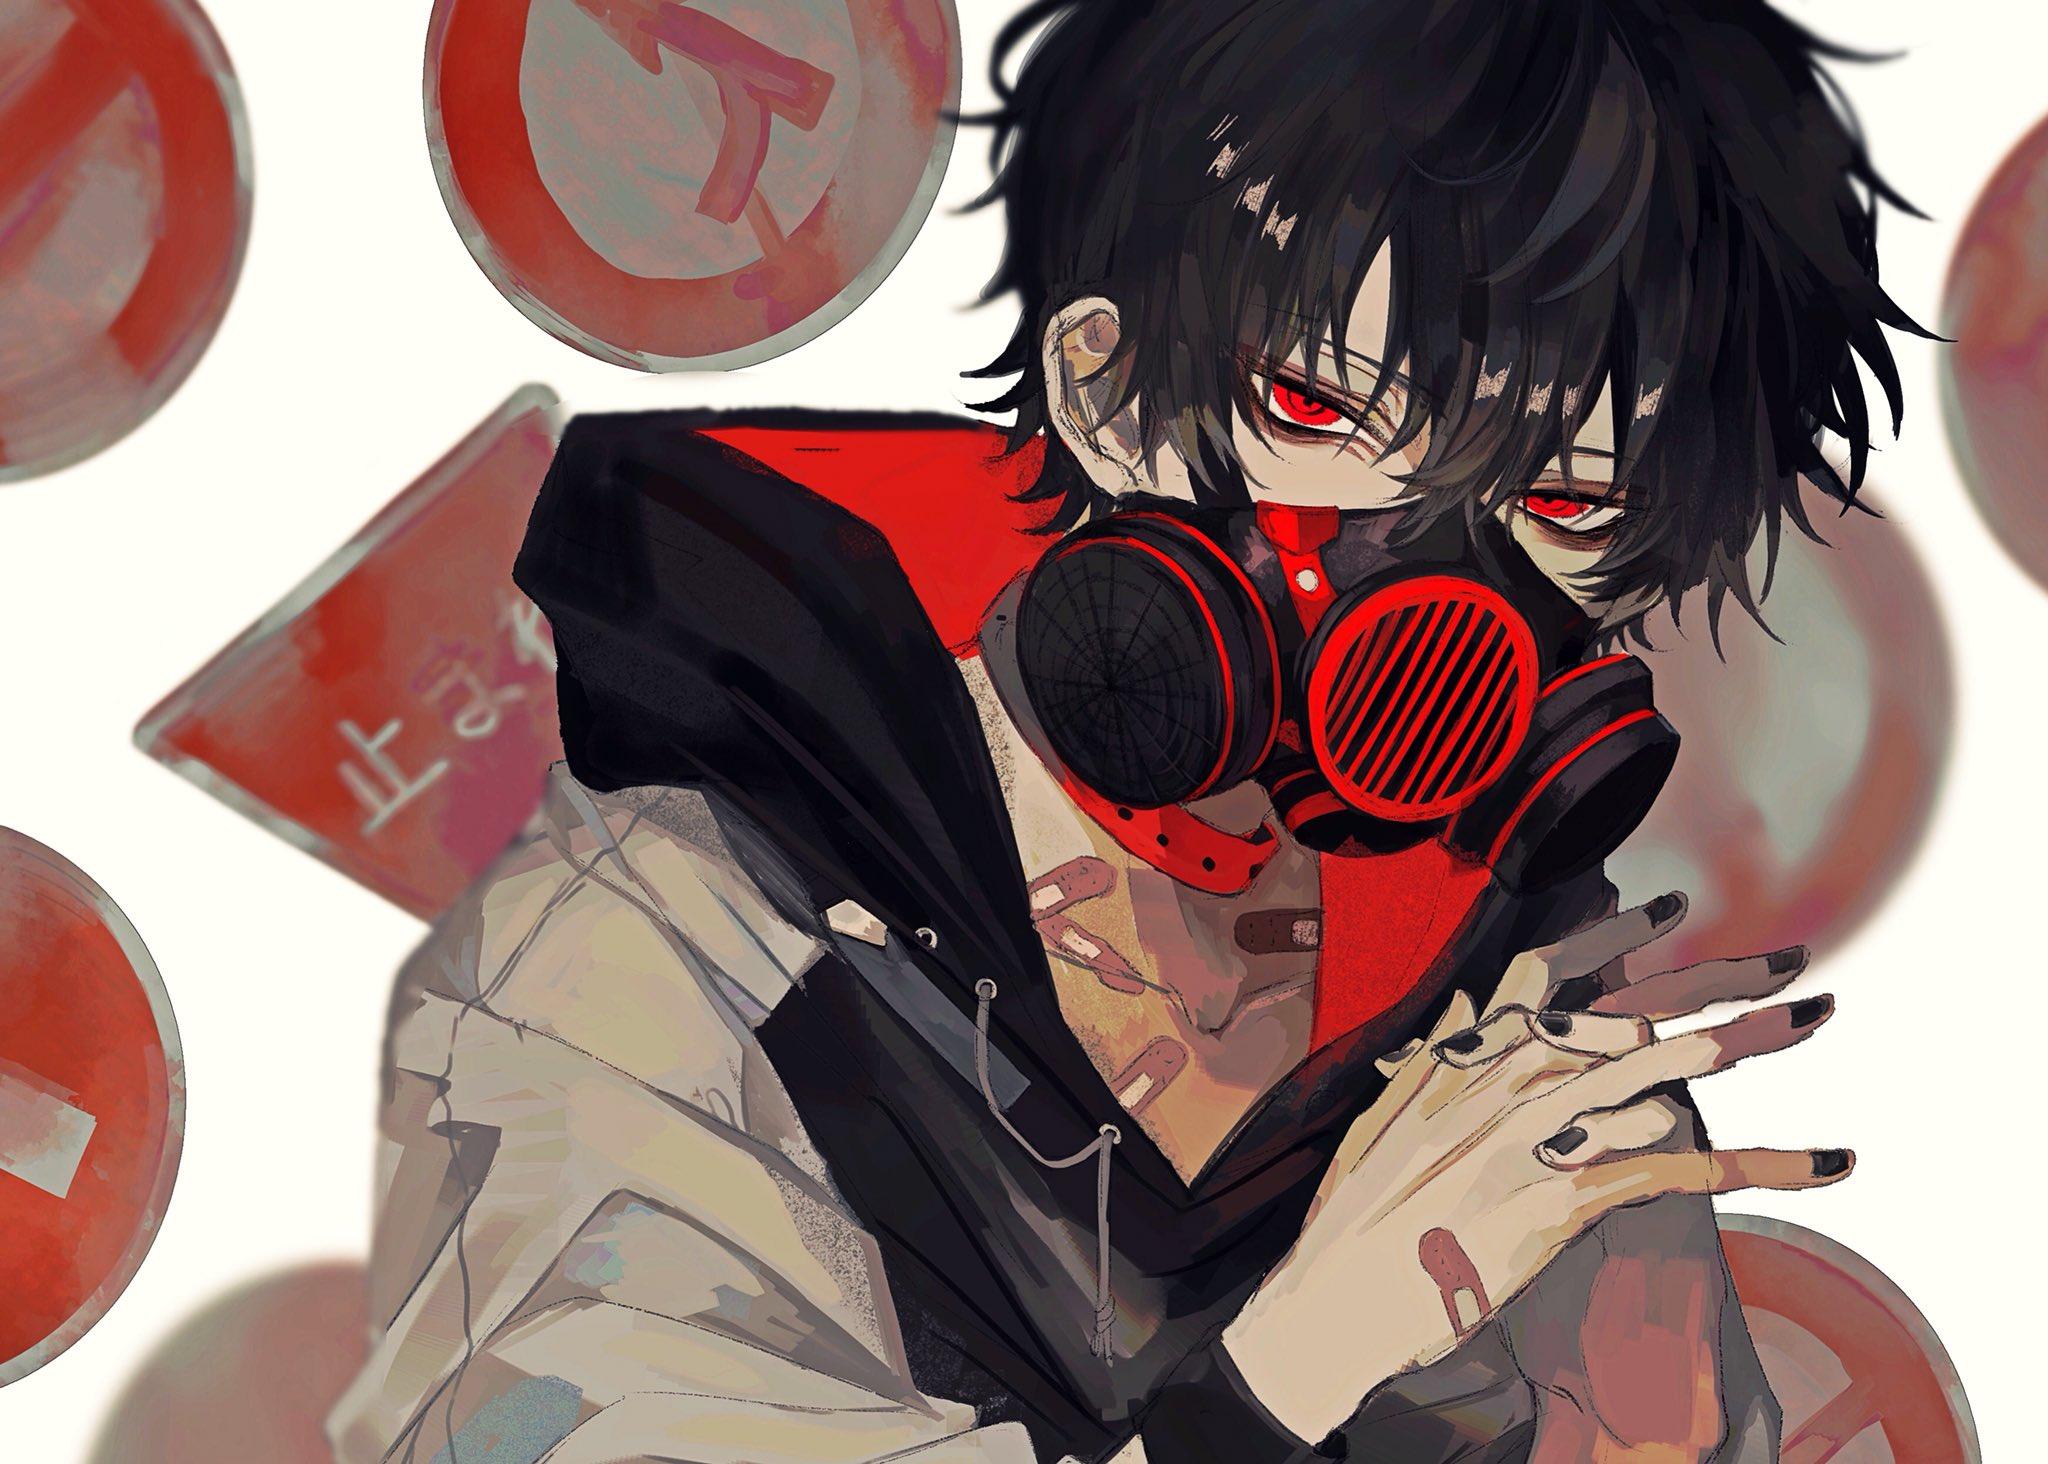 Wallpaper : road sign, gas masks, hoods, bandage, red eyes ...